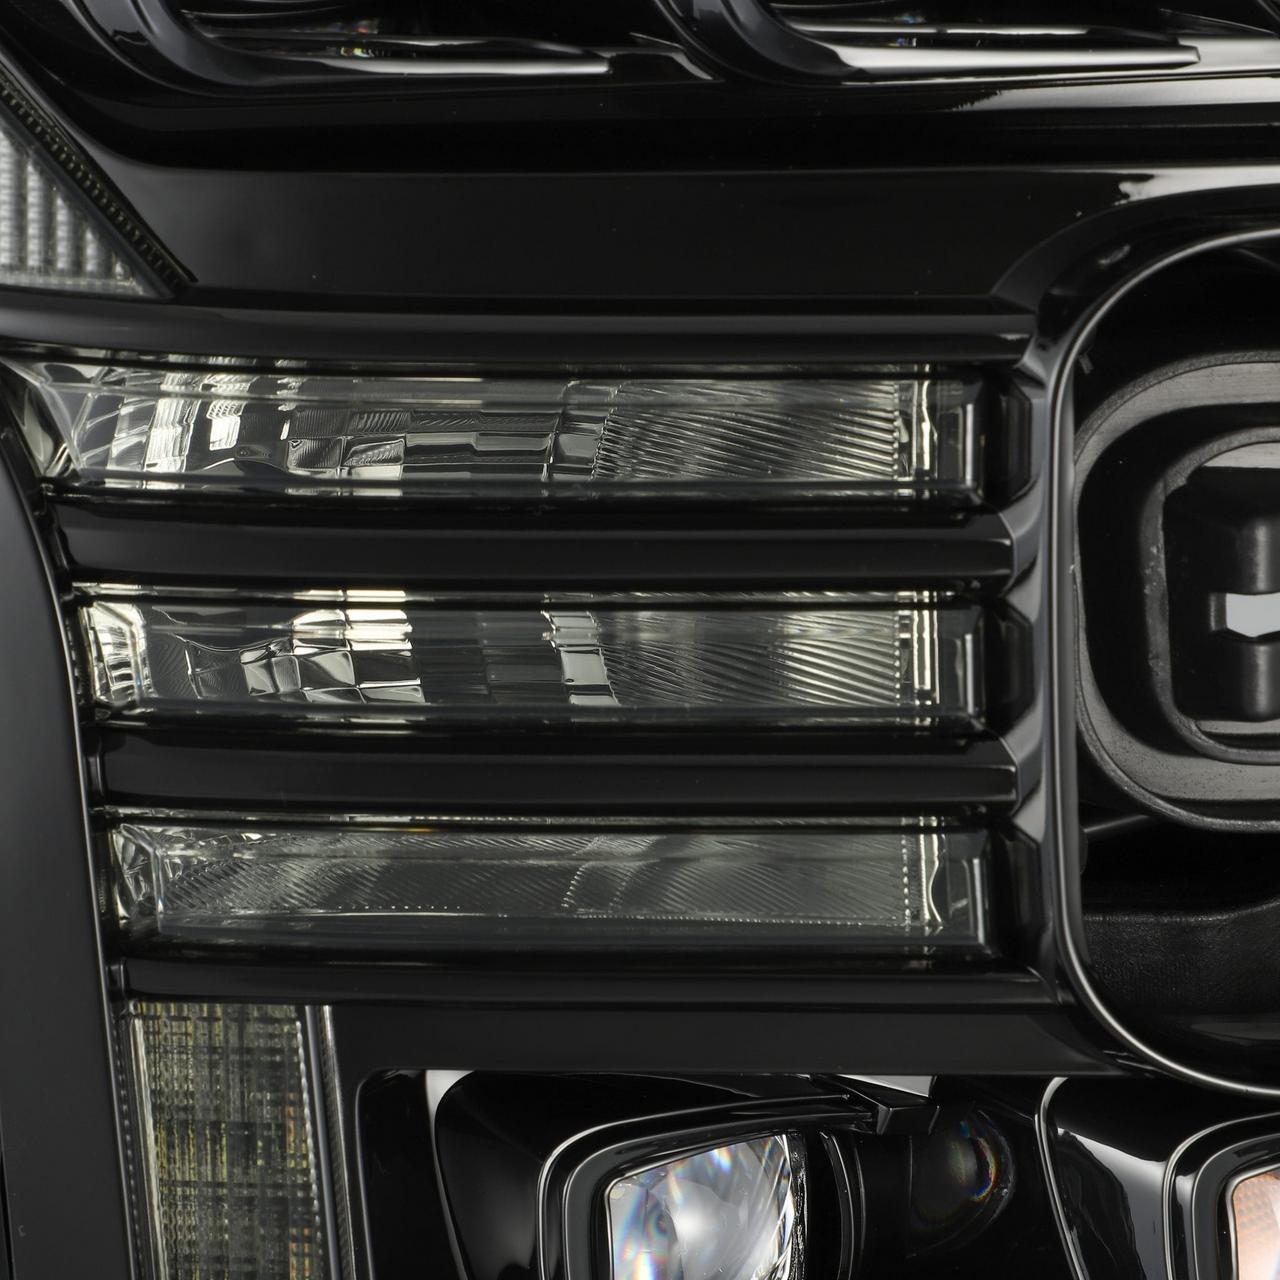 Alpharex 15 17 Ford F150 17 20 F150 Raptor Nova Series Led Projector Headlights Mid Night Black 4x4truckleds Com